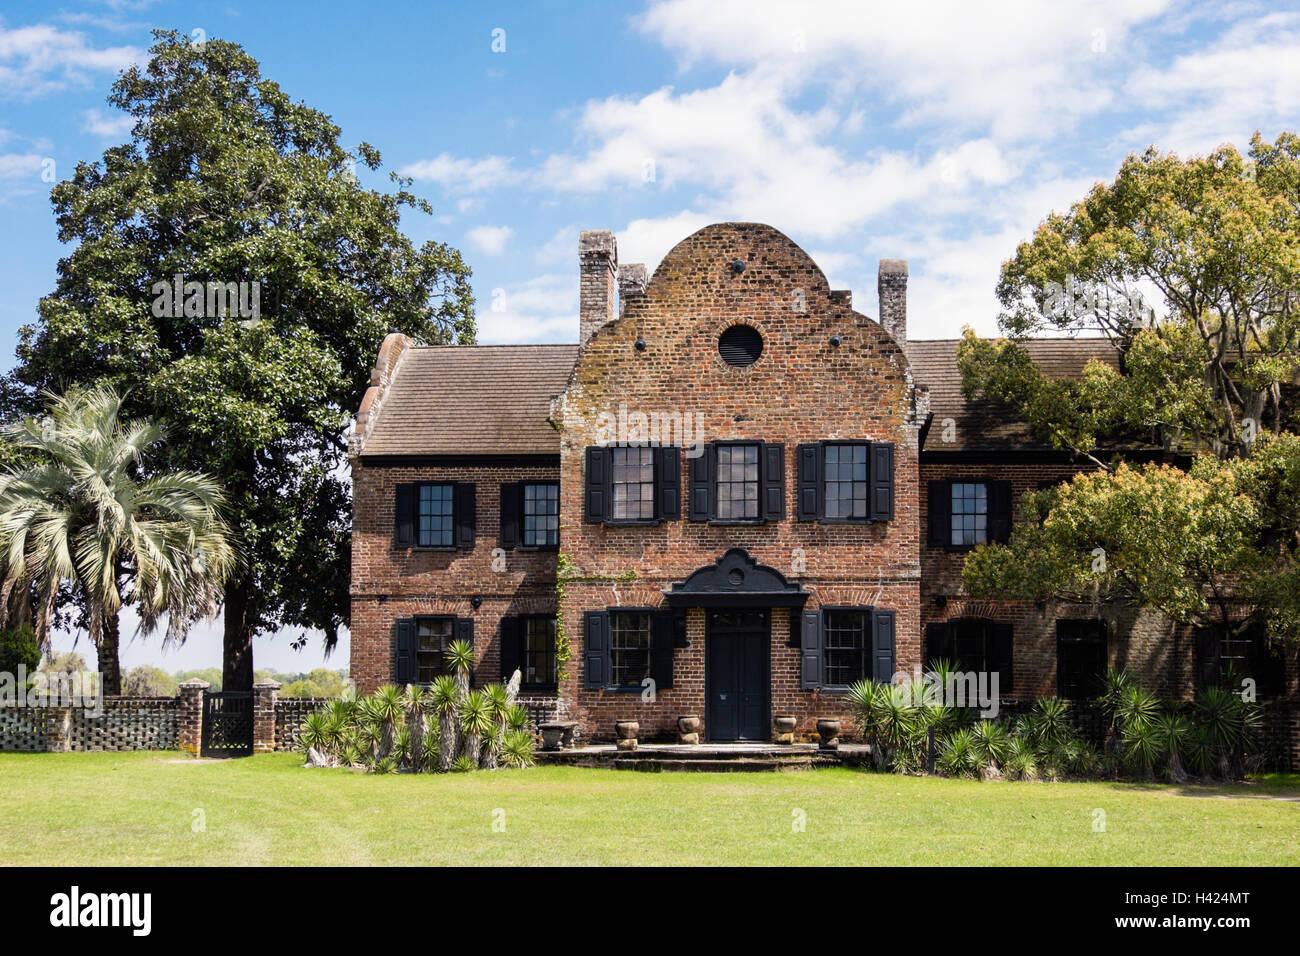 Middleton Place Plantation, Charleston, South Carolina - Stock Image